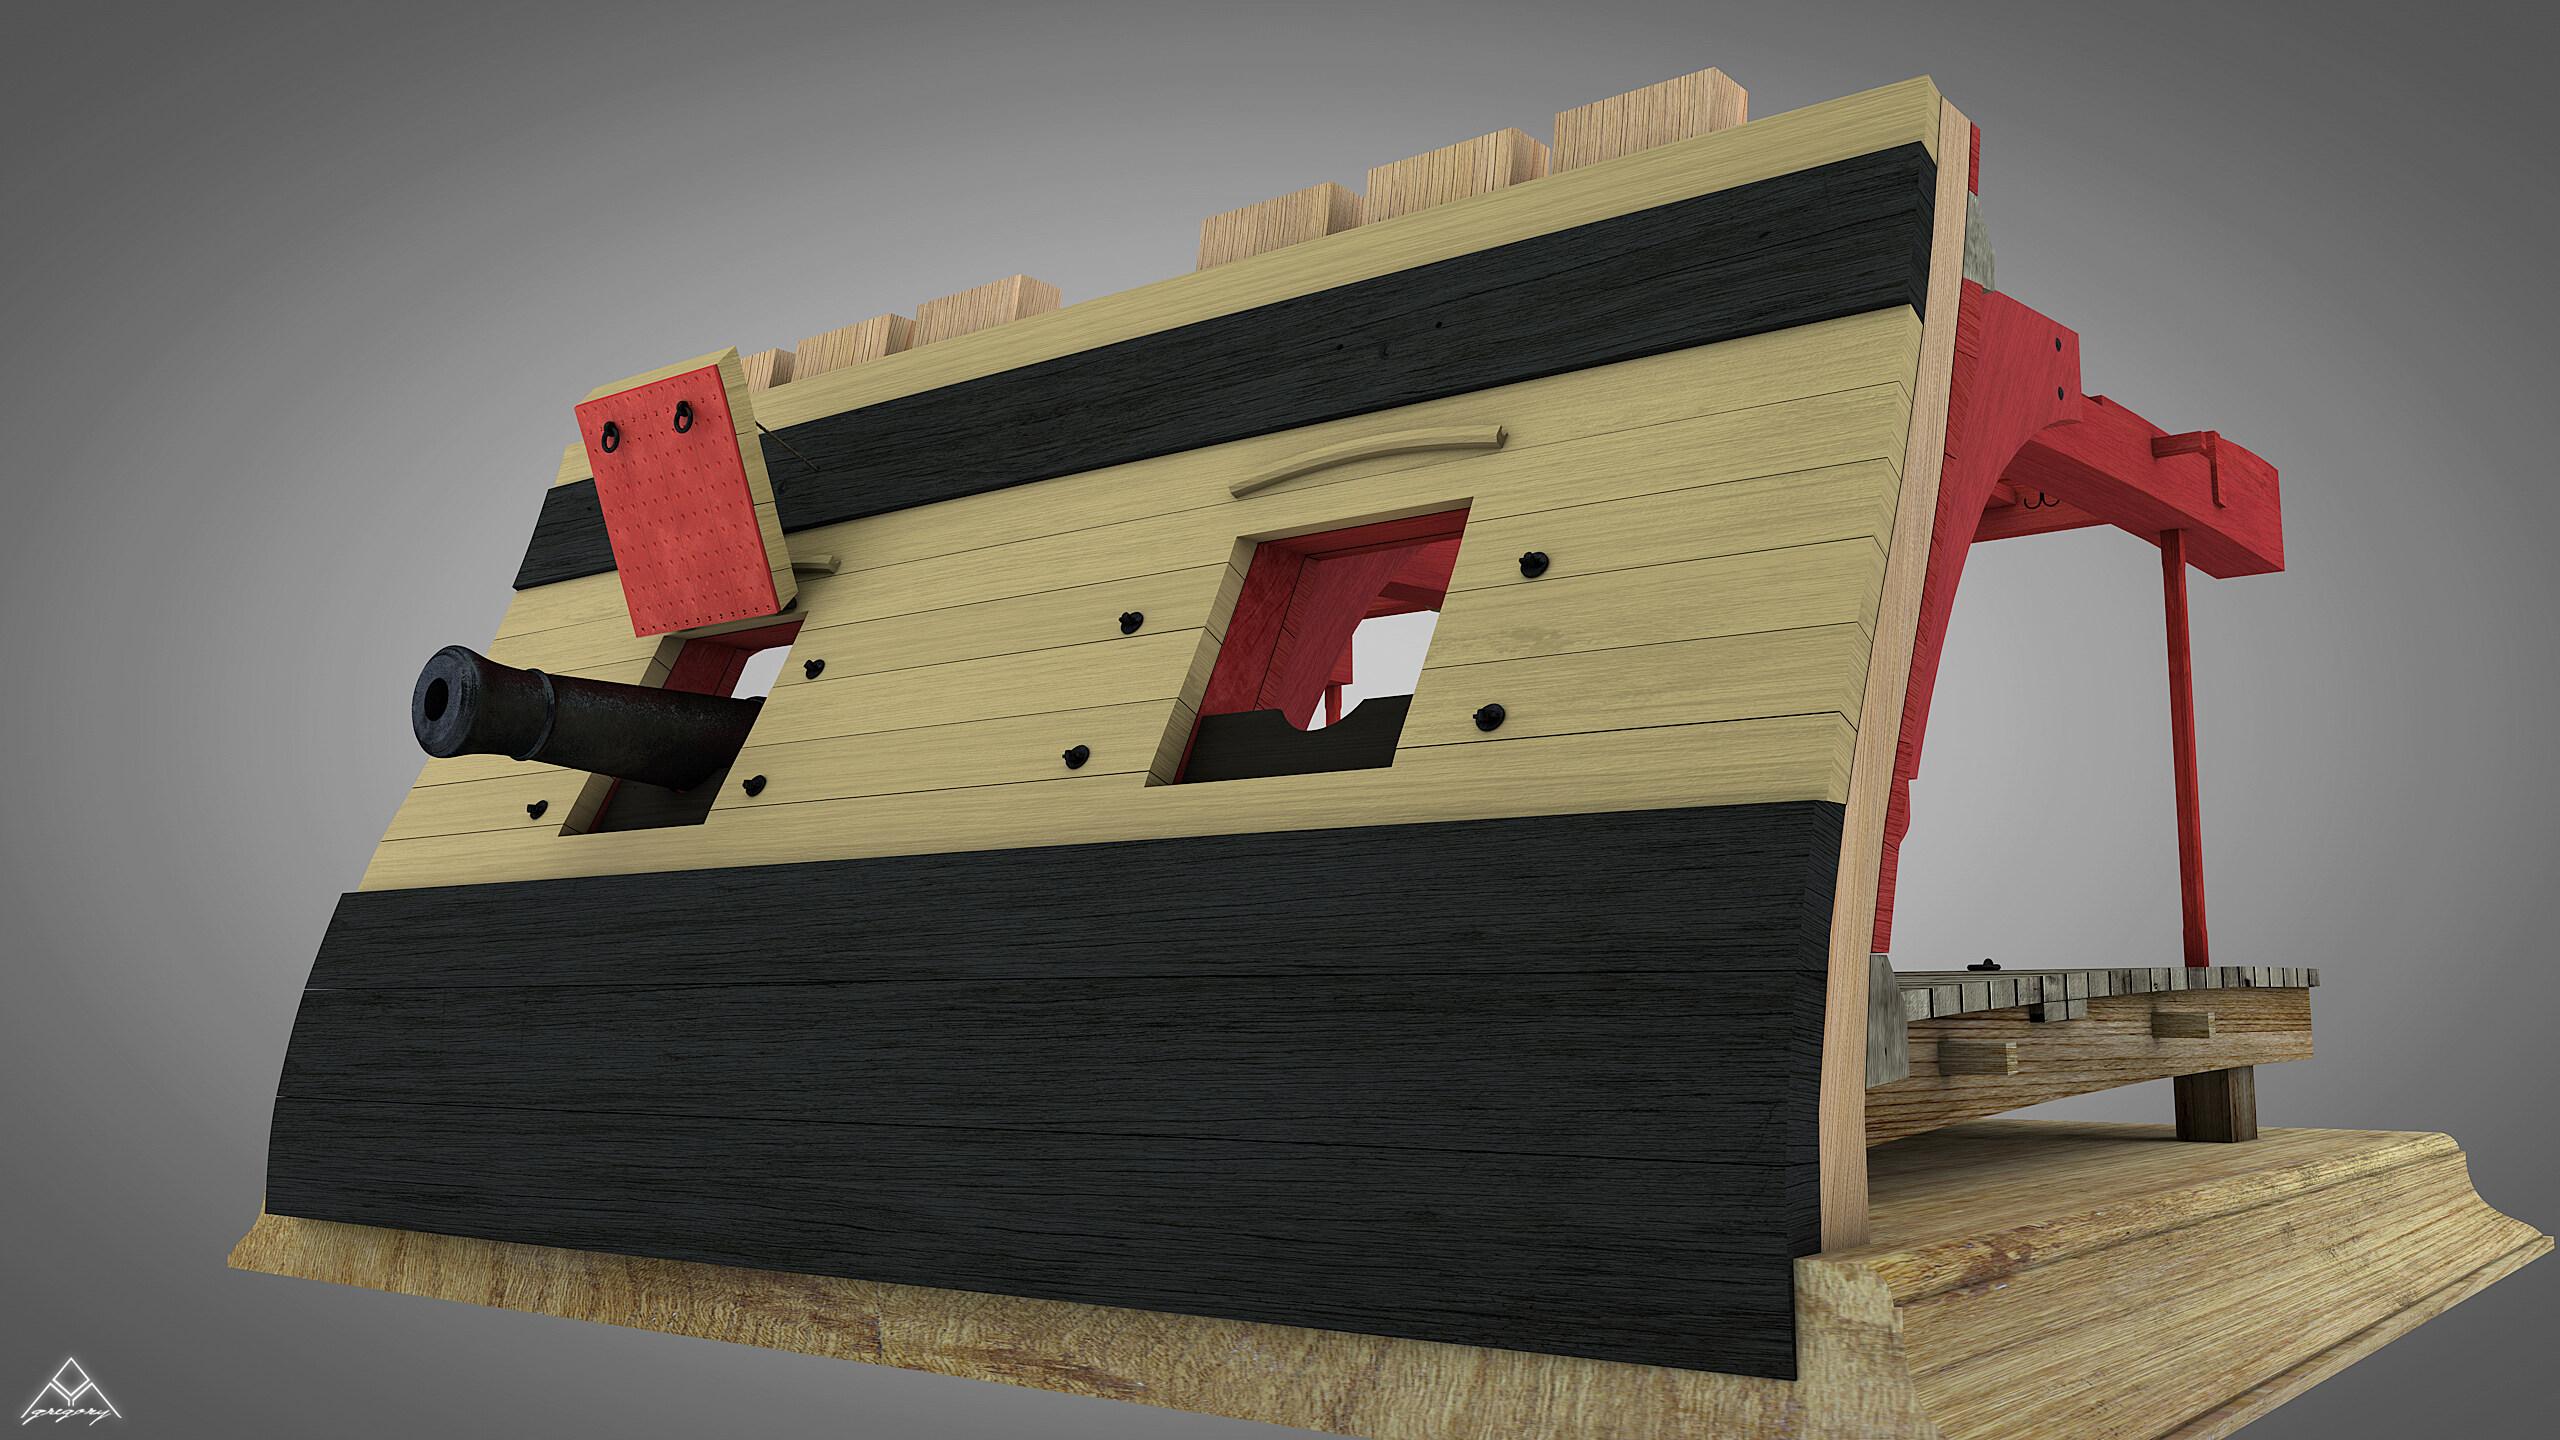 Canons de vaisseau 74 canons (Création 3D) par Greg_3D - Page 4 Rendu_47